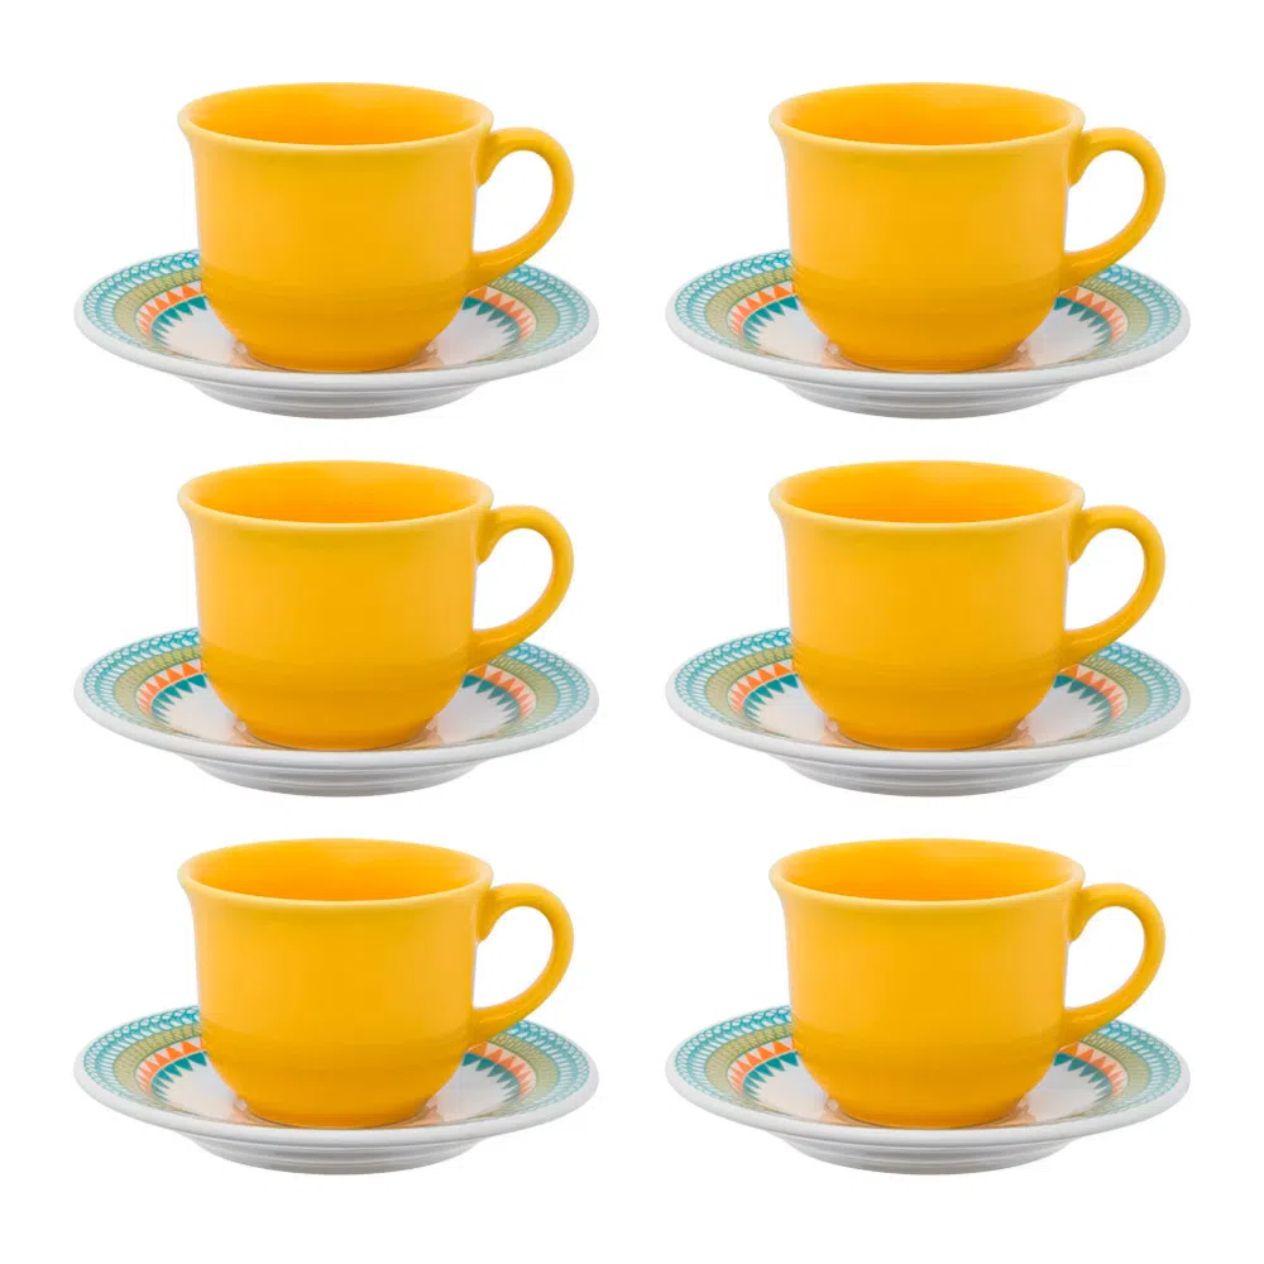 Jogo 6 Xícaras de Chá com Pires Bilro - Oxford